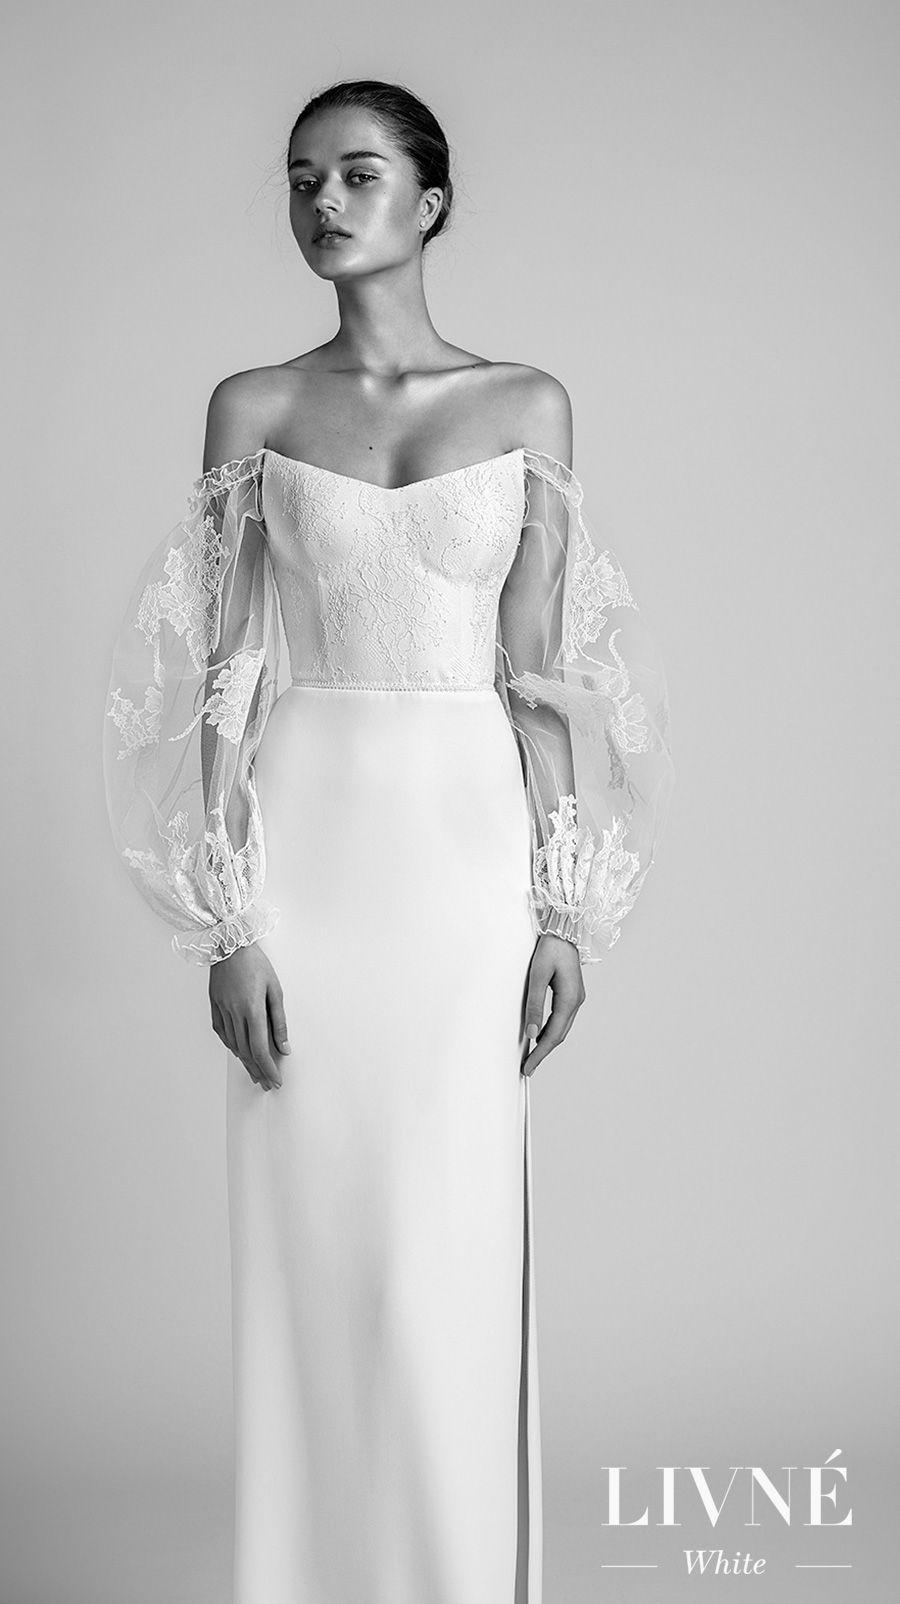 alon livne 2018 2019 white bridal long poet sleeves strapless semi v neck light embellished bodice high slit skirt elegant sheath wedding dress (rita) mv